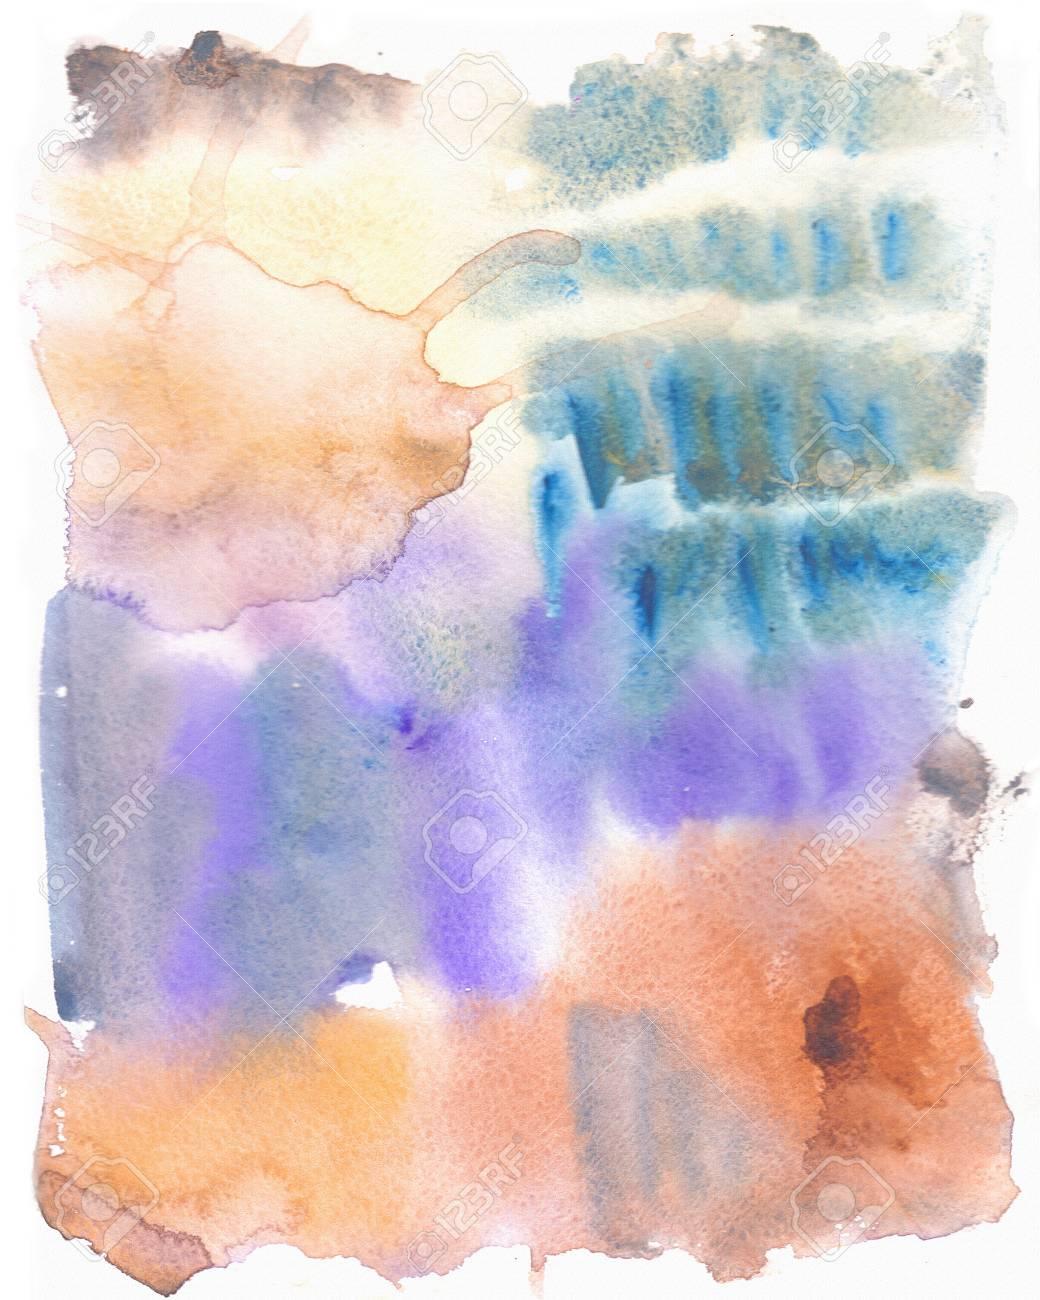 Abstrakte Kunst Aquarell Hand Malen Weiche Farbigen Abstrakten Hintergrund Fur Design Grunge Malen Hintergrund Bunte Illustration Aquarell Textur Gouache Flecken Flecken Flecken Nass Auf Trocken Papier Lizenzfreie Fotos Bilder Und Stock